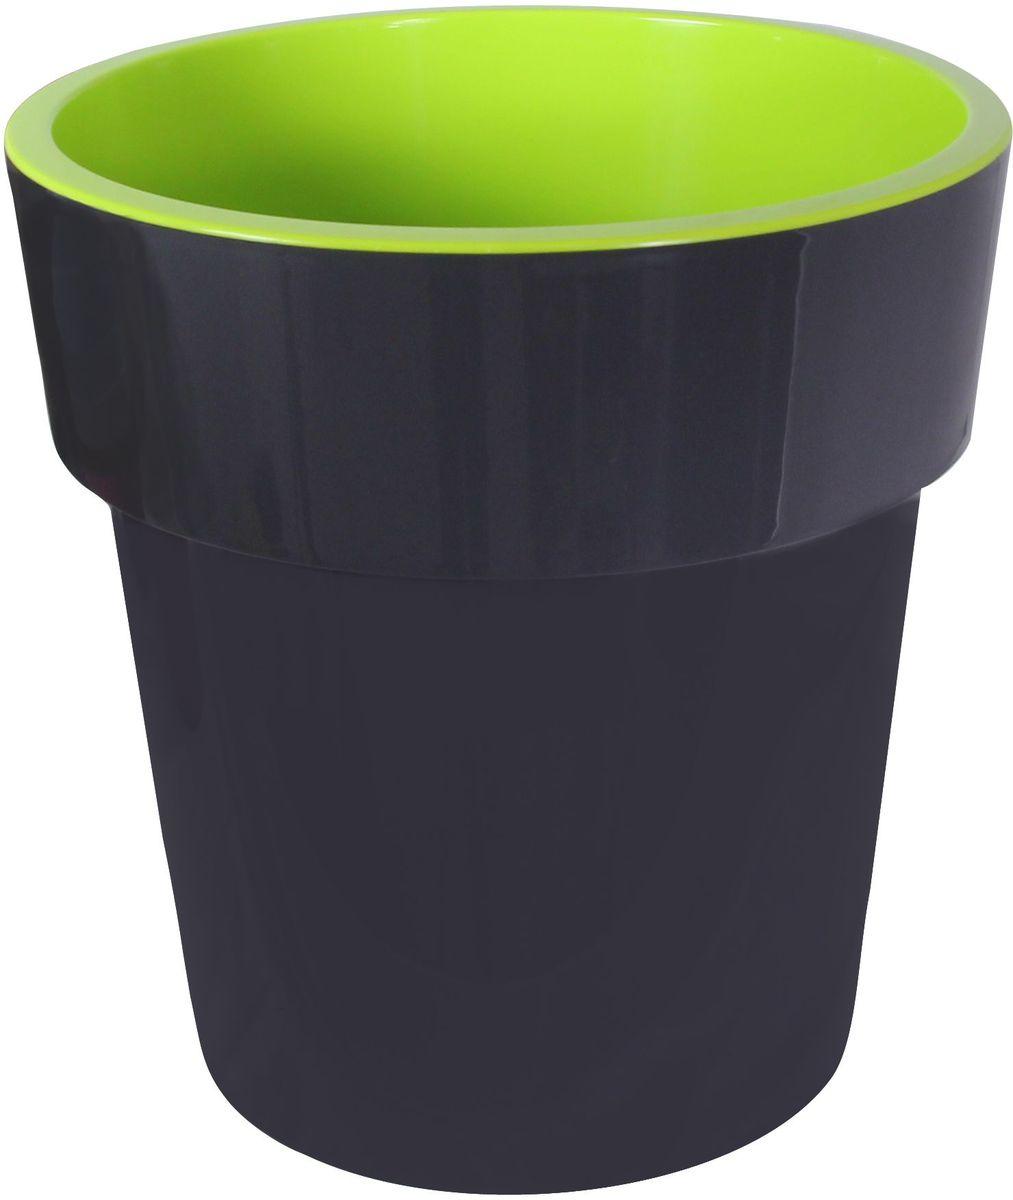 Кашпо Idea Тубус, цвет: графитовый, диаметр 25 см1684904Кашпо Idea Тубус изготовлено из прочного пластика. Изделие прекрасно подходит для выращивания растений и цветов в домашних условиях. Стильный современный дизайн органично впишется в интерьер помещения.Диаметр кашпо: 25 см. Высота кашпо: 25 см.